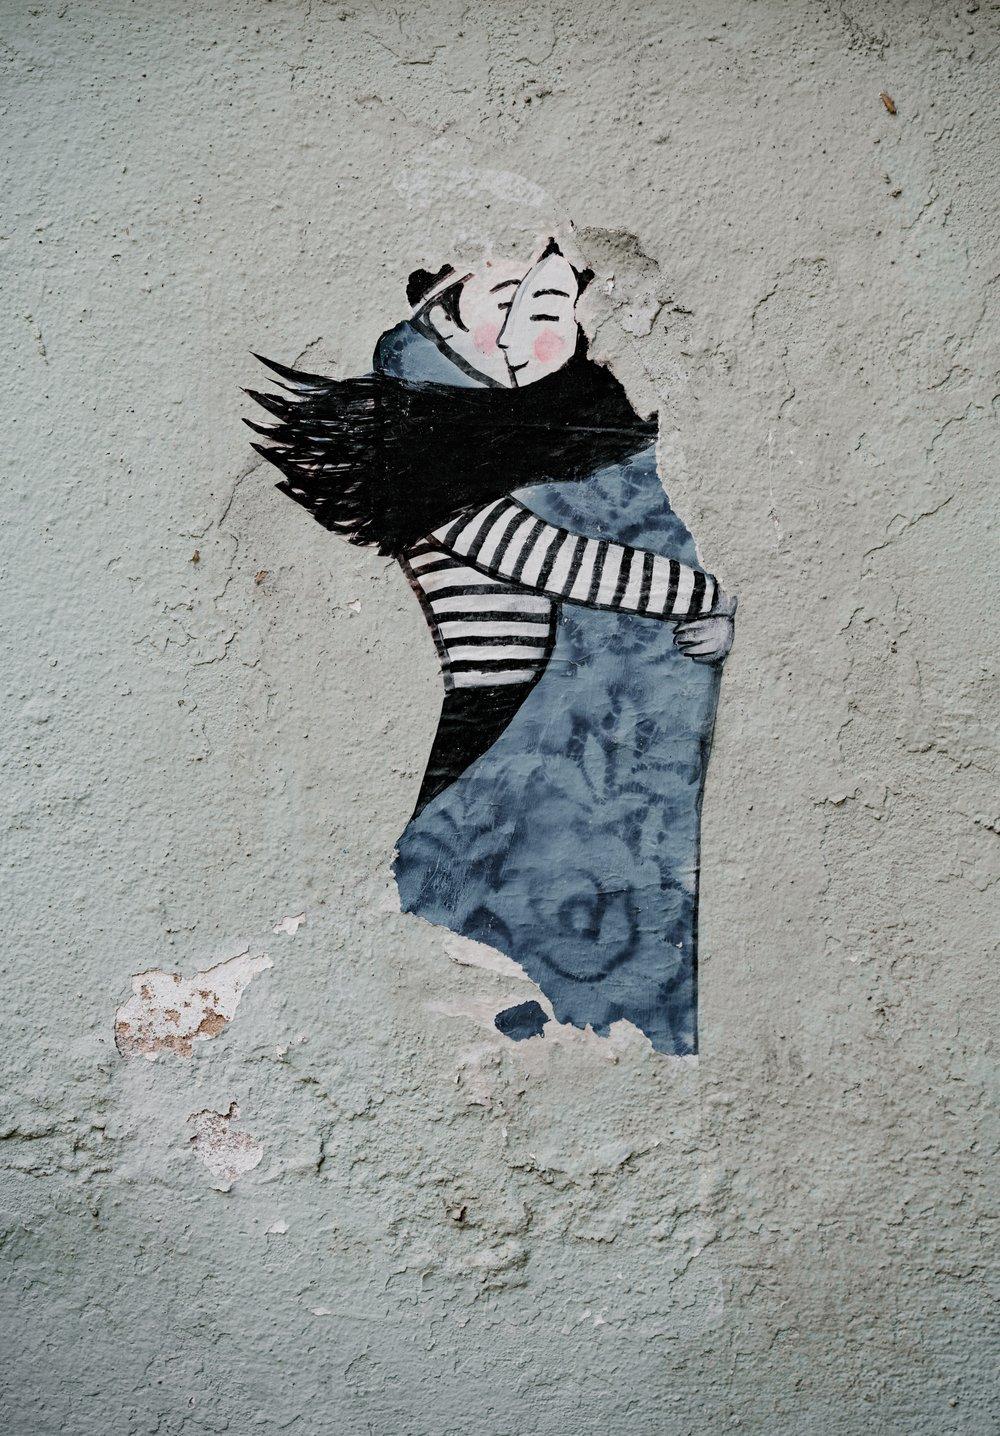 stephen-wawryk-luna-maha-evolve-blog-do-and-be-anything-hug